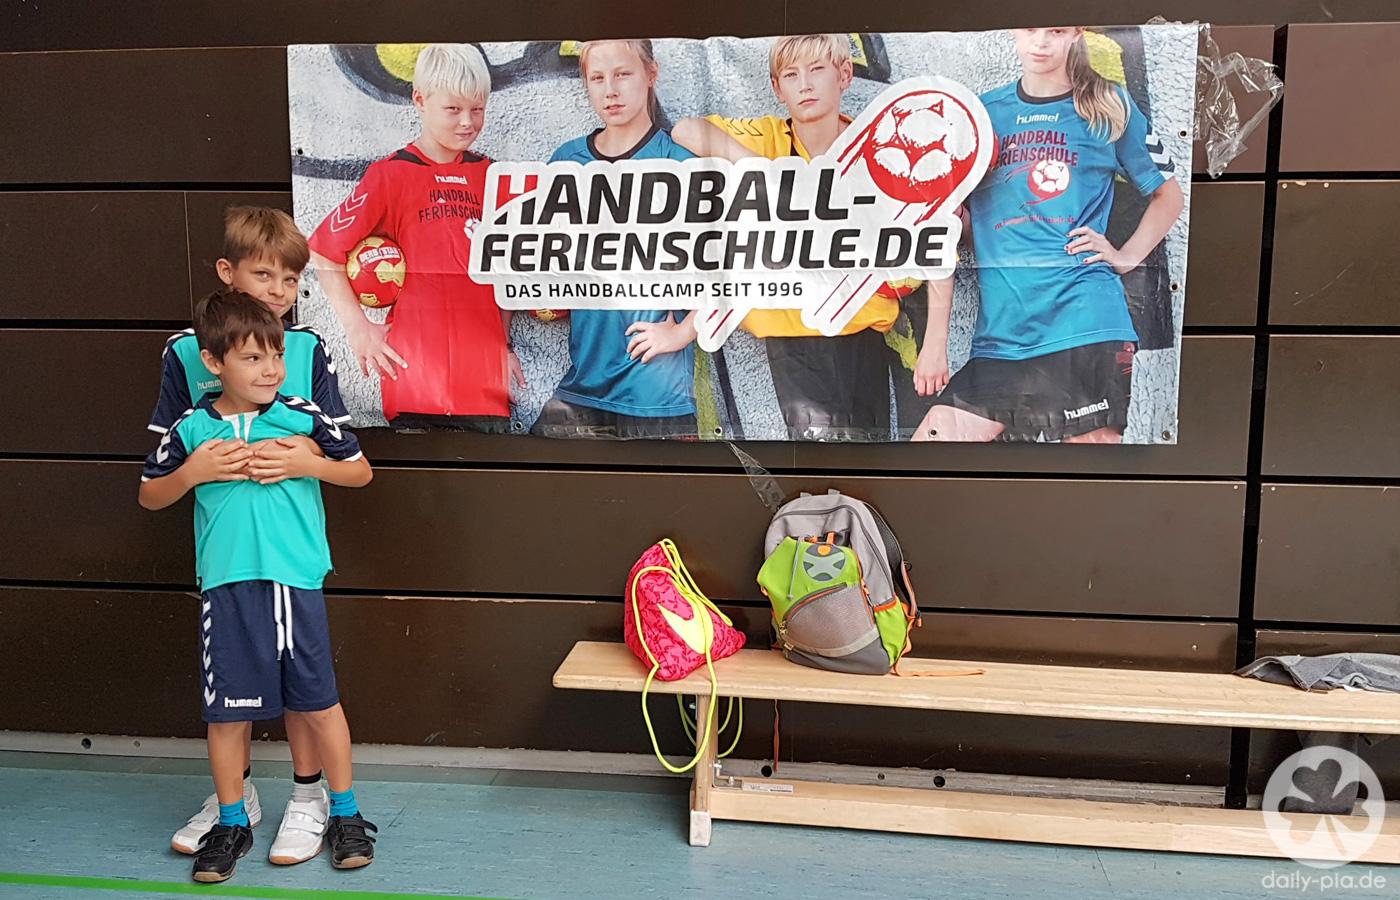 Handballcamp & ungeliebte Aufgaben